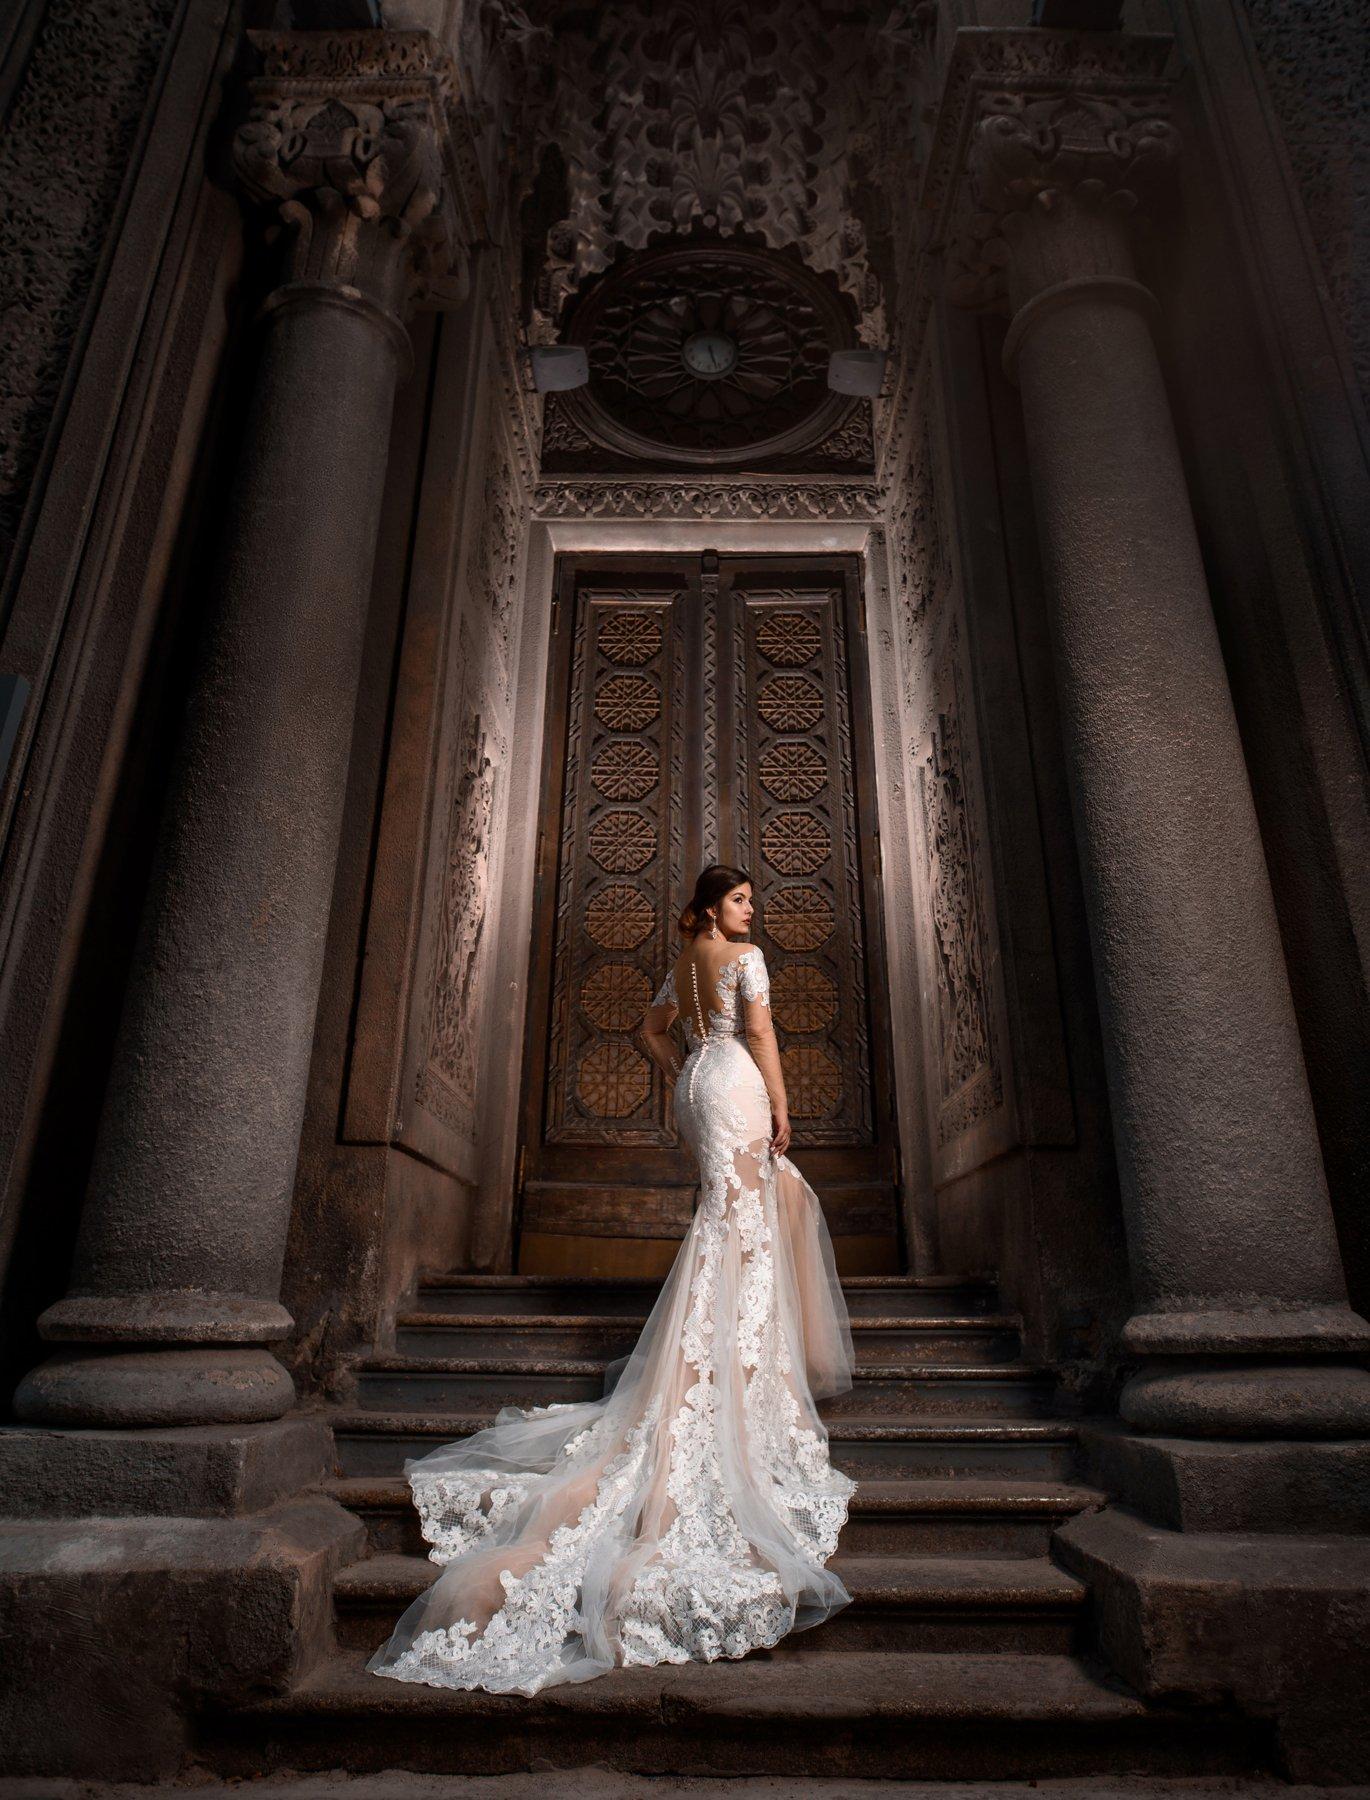 девушка, платье, архитектура, собор, свет, тень, шлейф, Александр Жосан